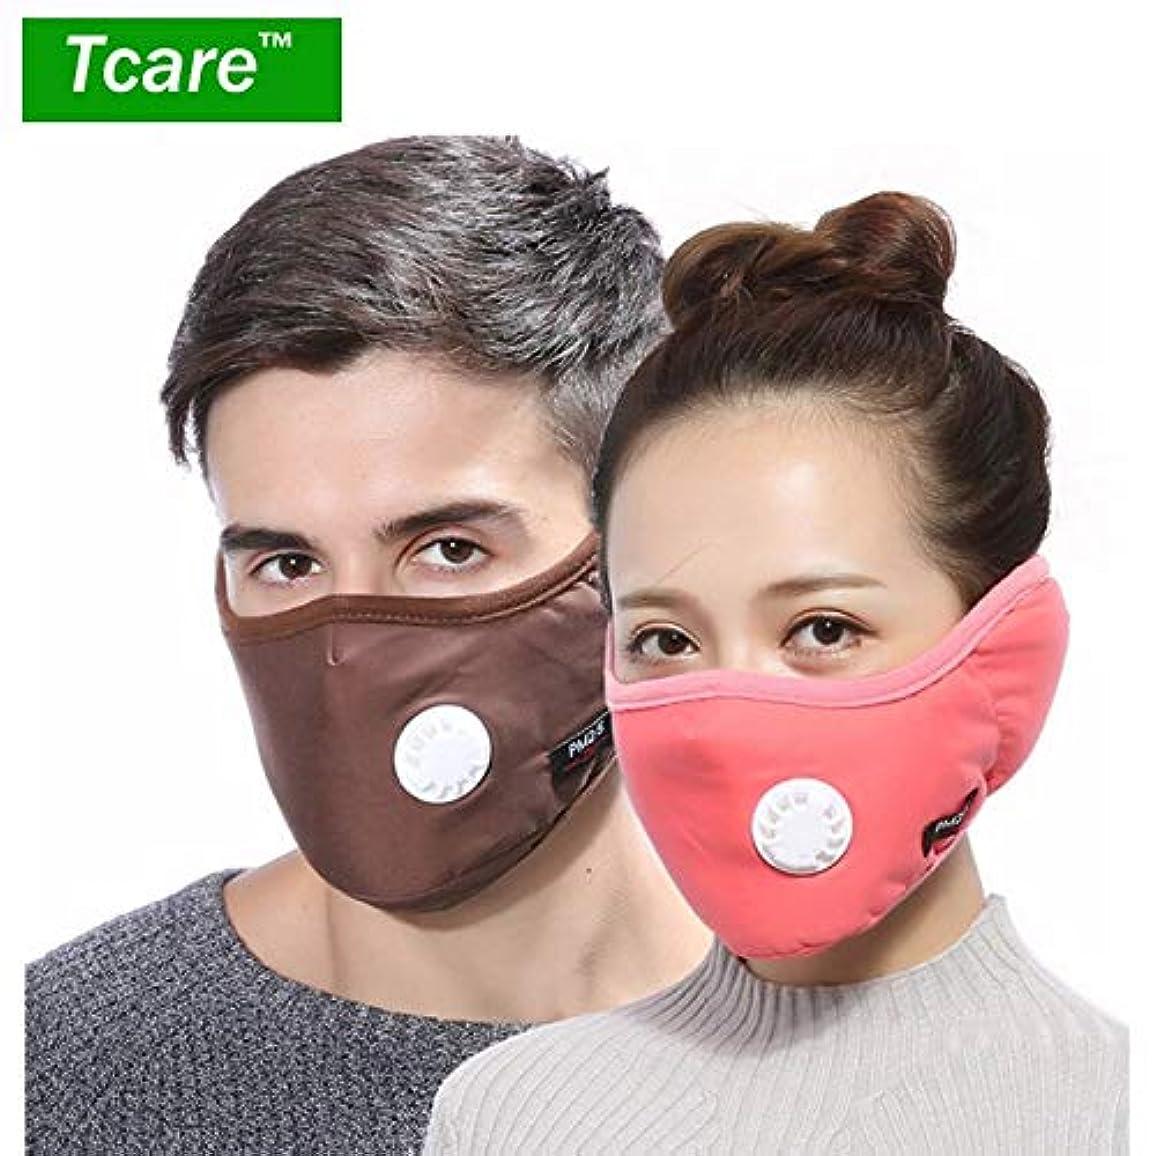 混乱した死んでいる奴隷6 Waternレッド:1 PM2.5マスクバルブコットンアンチダスト口マスクの冬のイヤーマフActtedフィルター付マスクでTcare 2